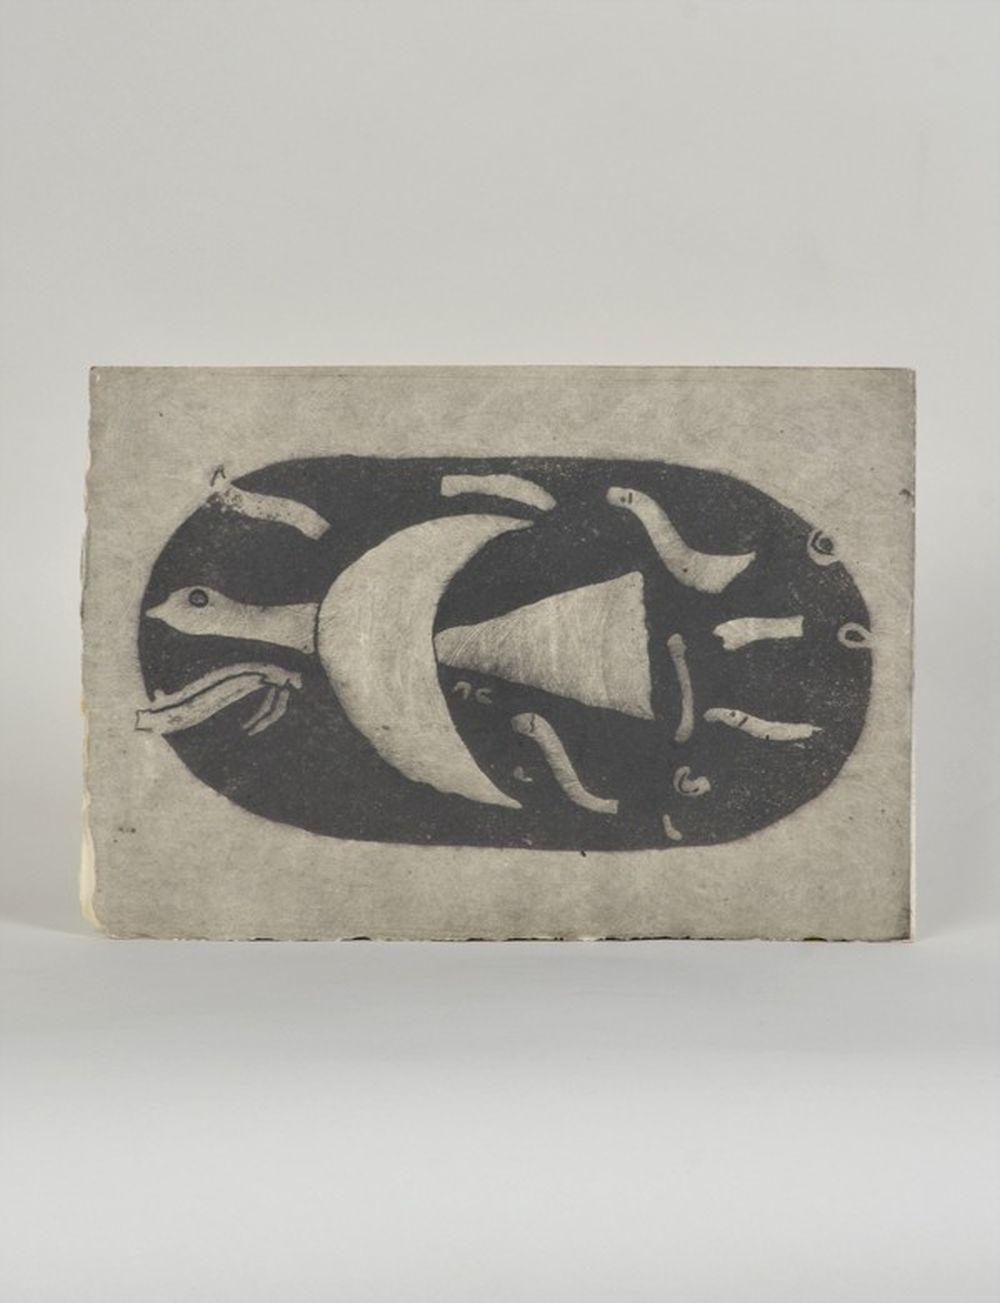 Georges Braque - Chants de Milarepa